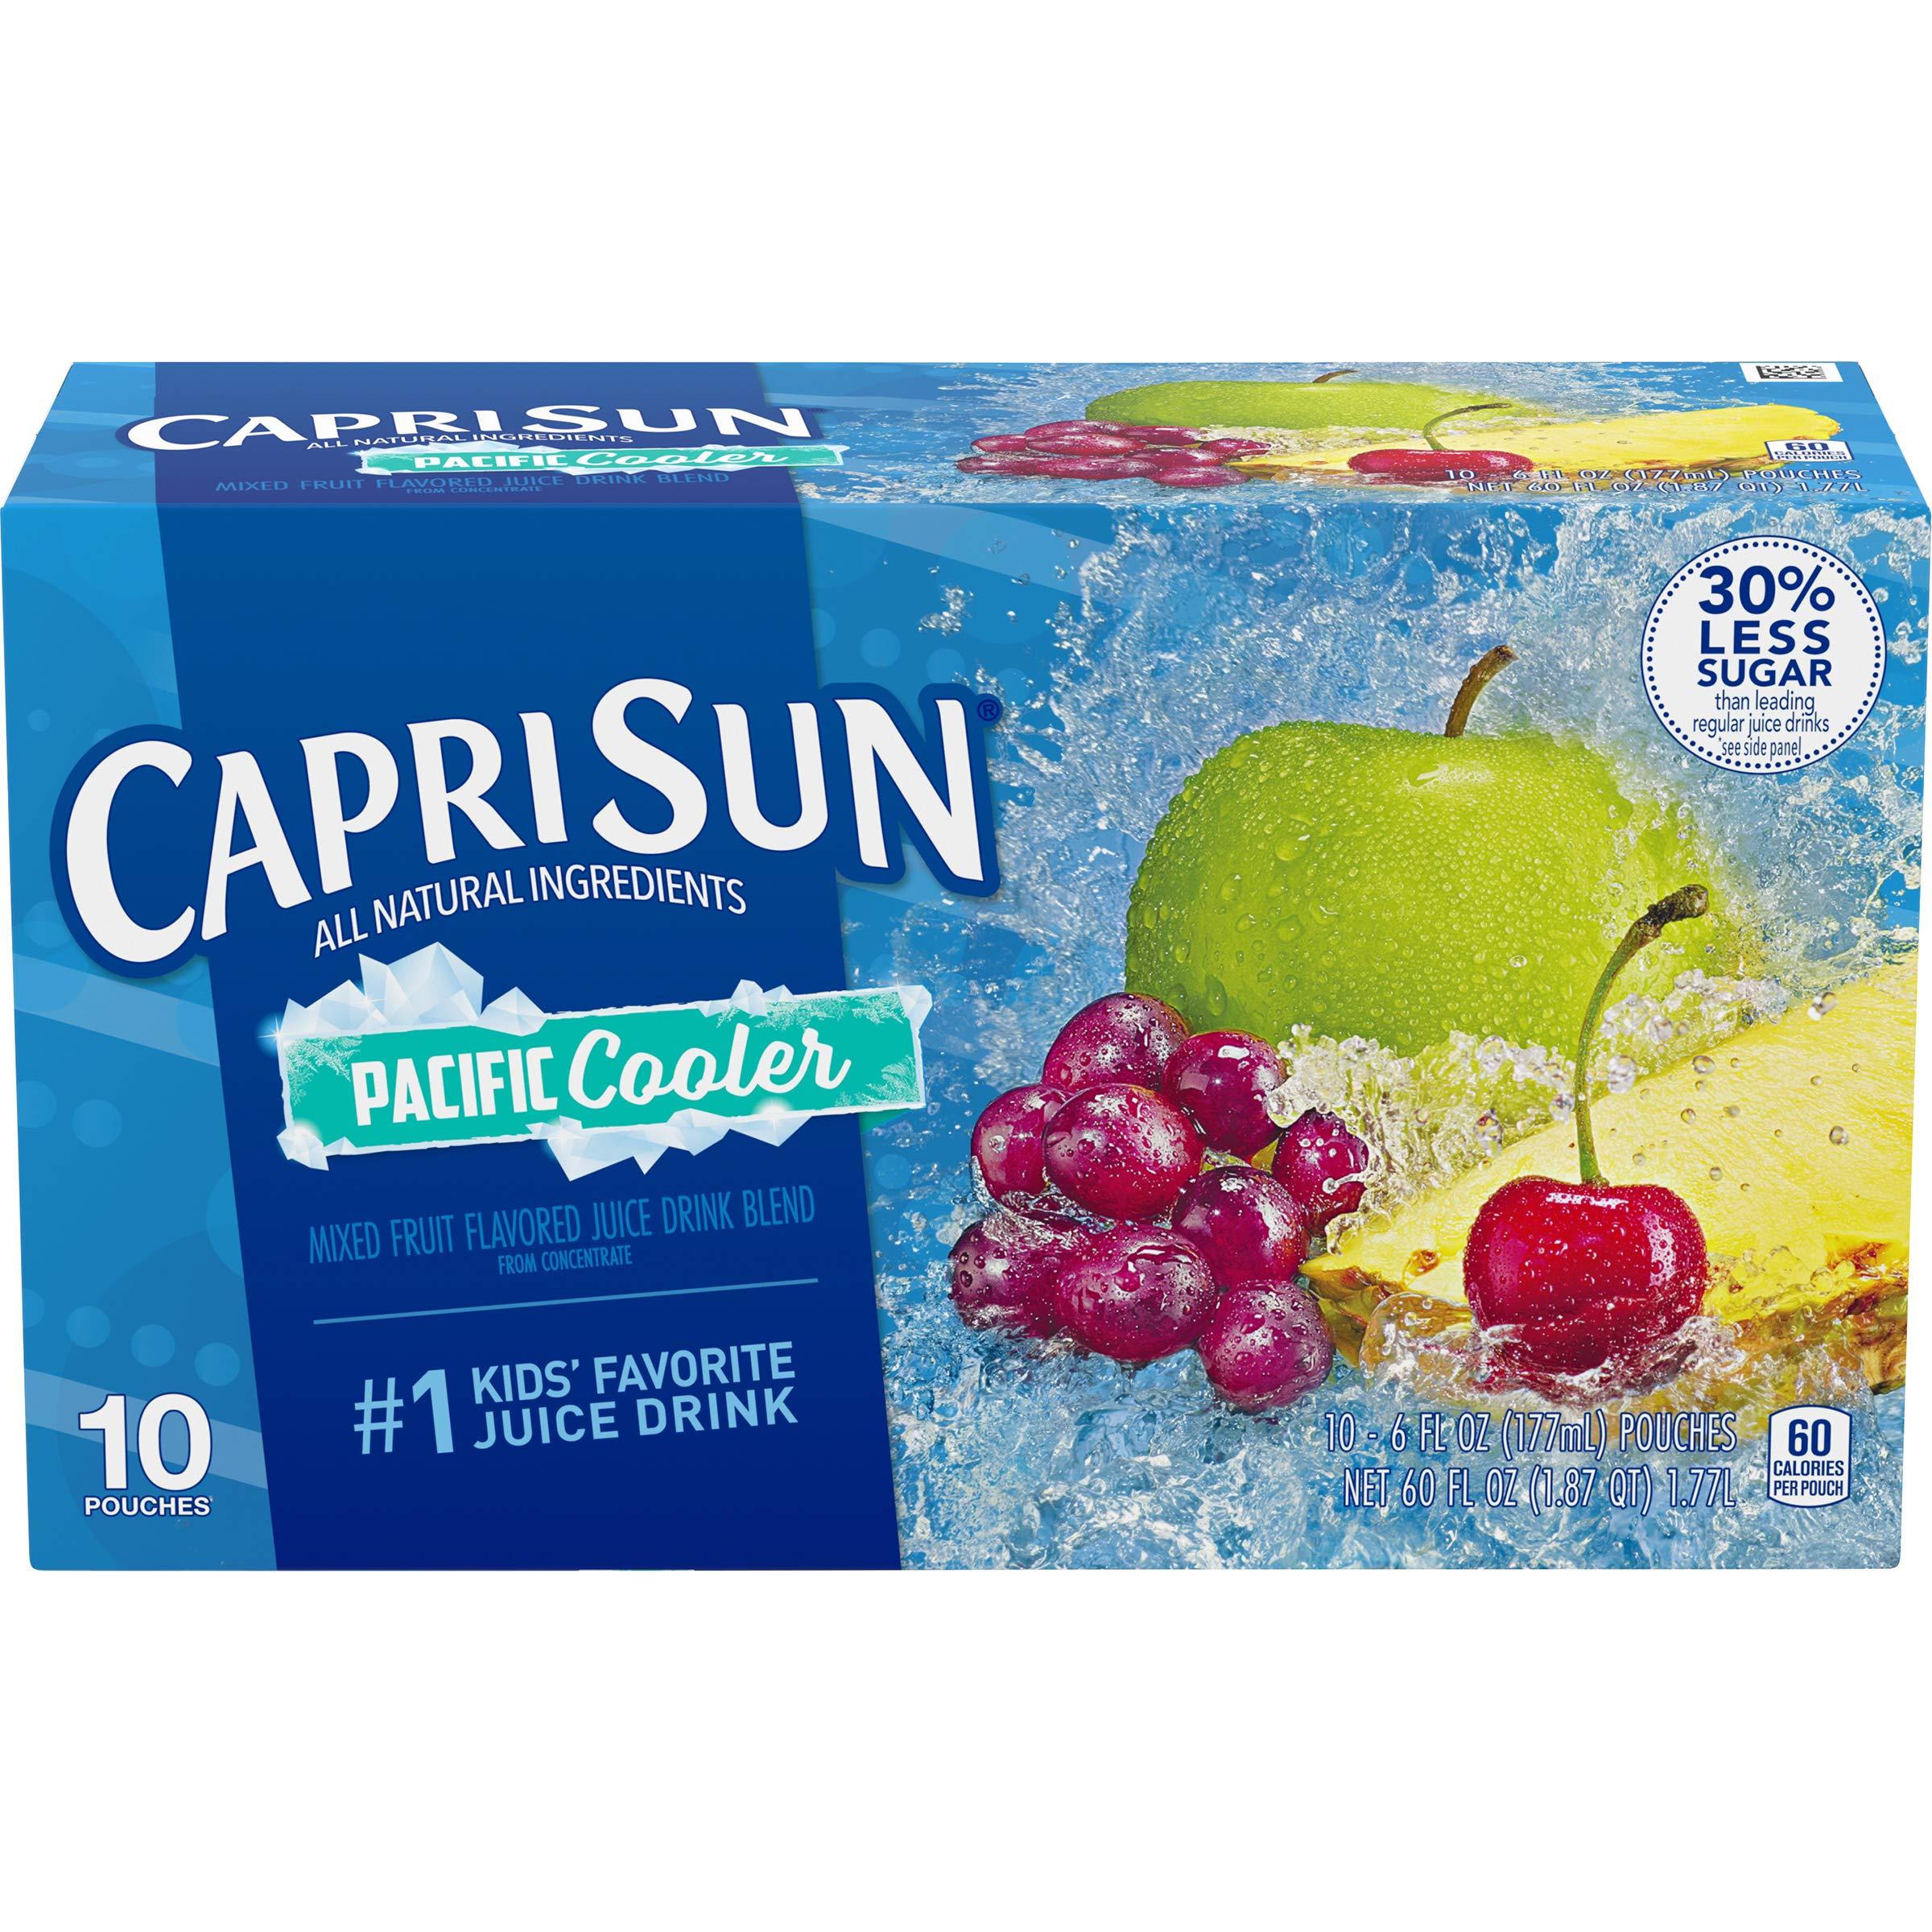 Capri Sun Pacific Cooler Mixed Fruit Flavored Juice Drink Blend, 10 ct - Pouches, 60.0 fl oz Box